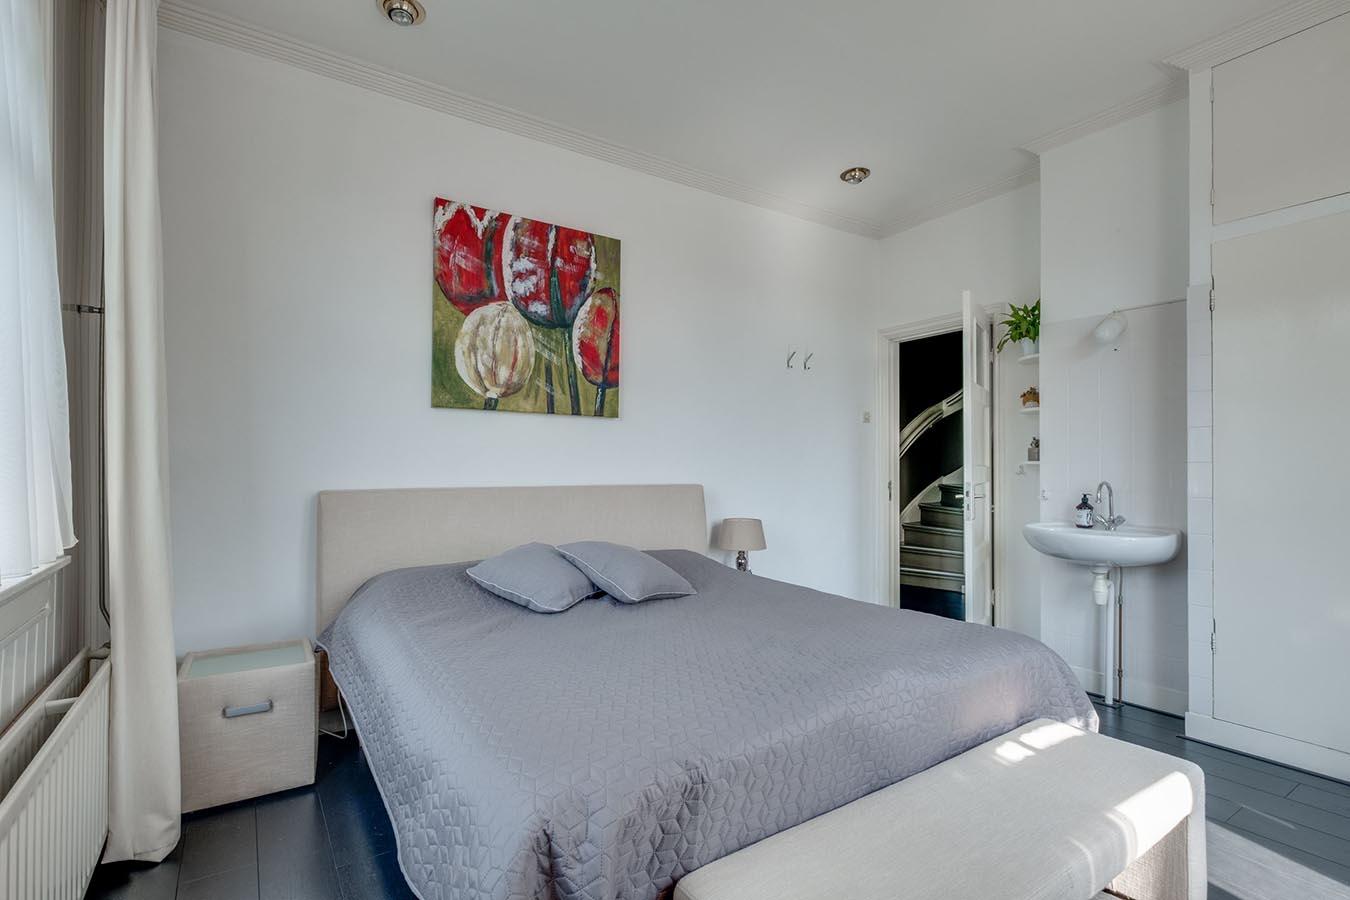 slaapkamer met een rustige uitstraling